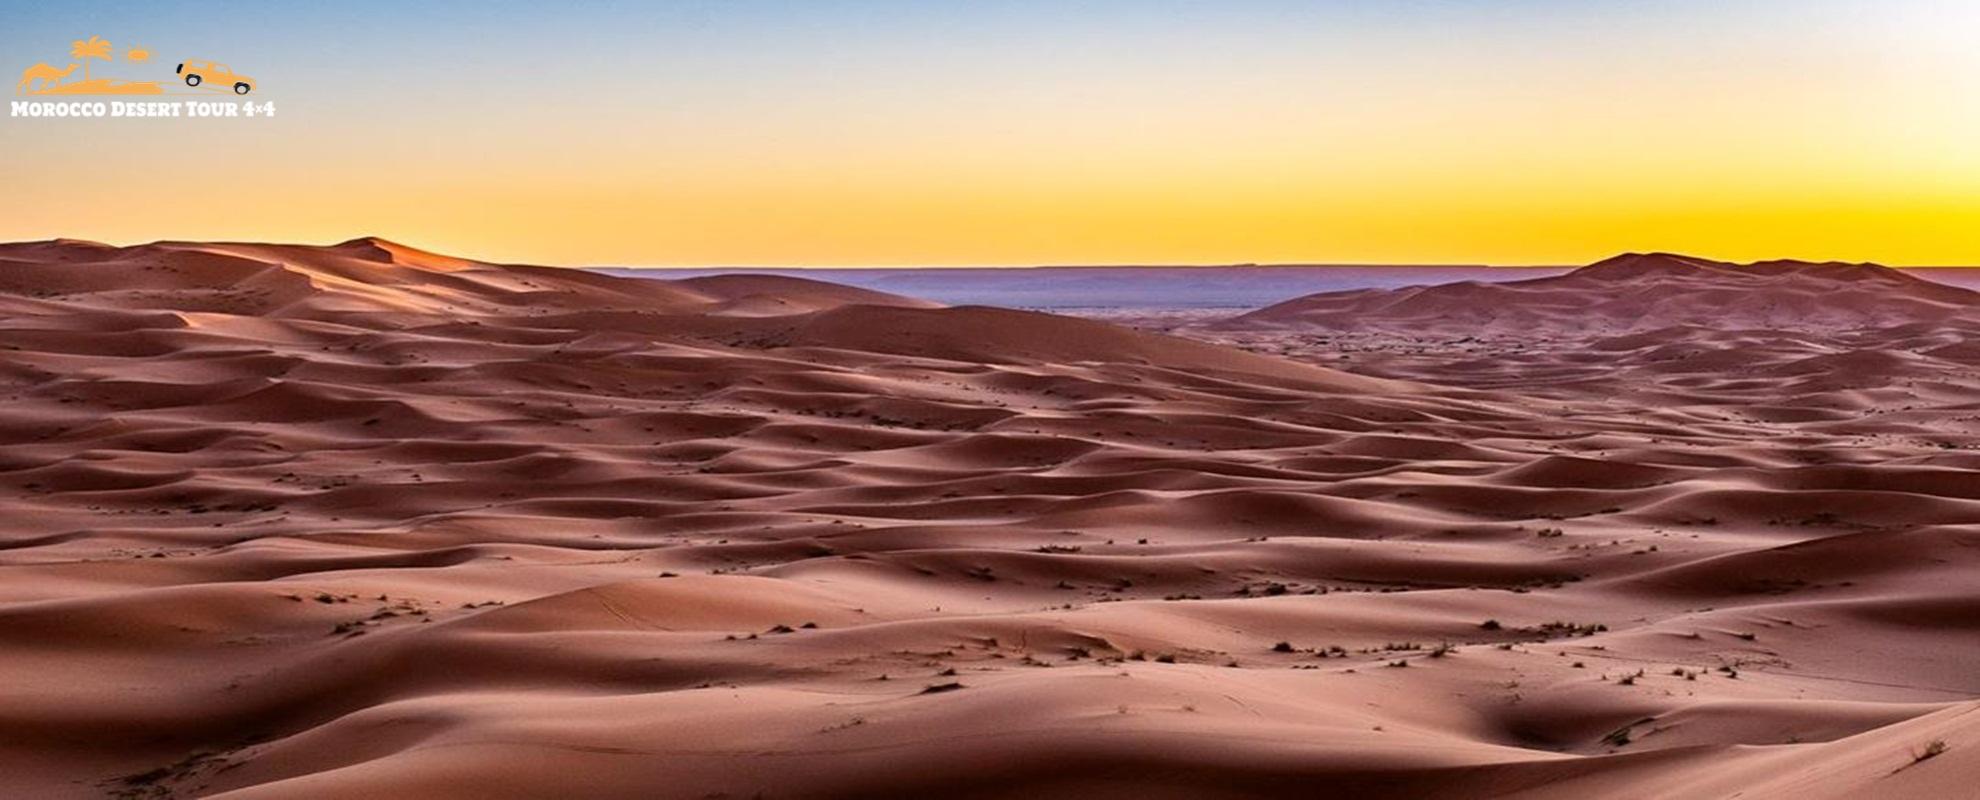 Ruta de 3 dias al Desierto Erg Chegaga desde Marrakech